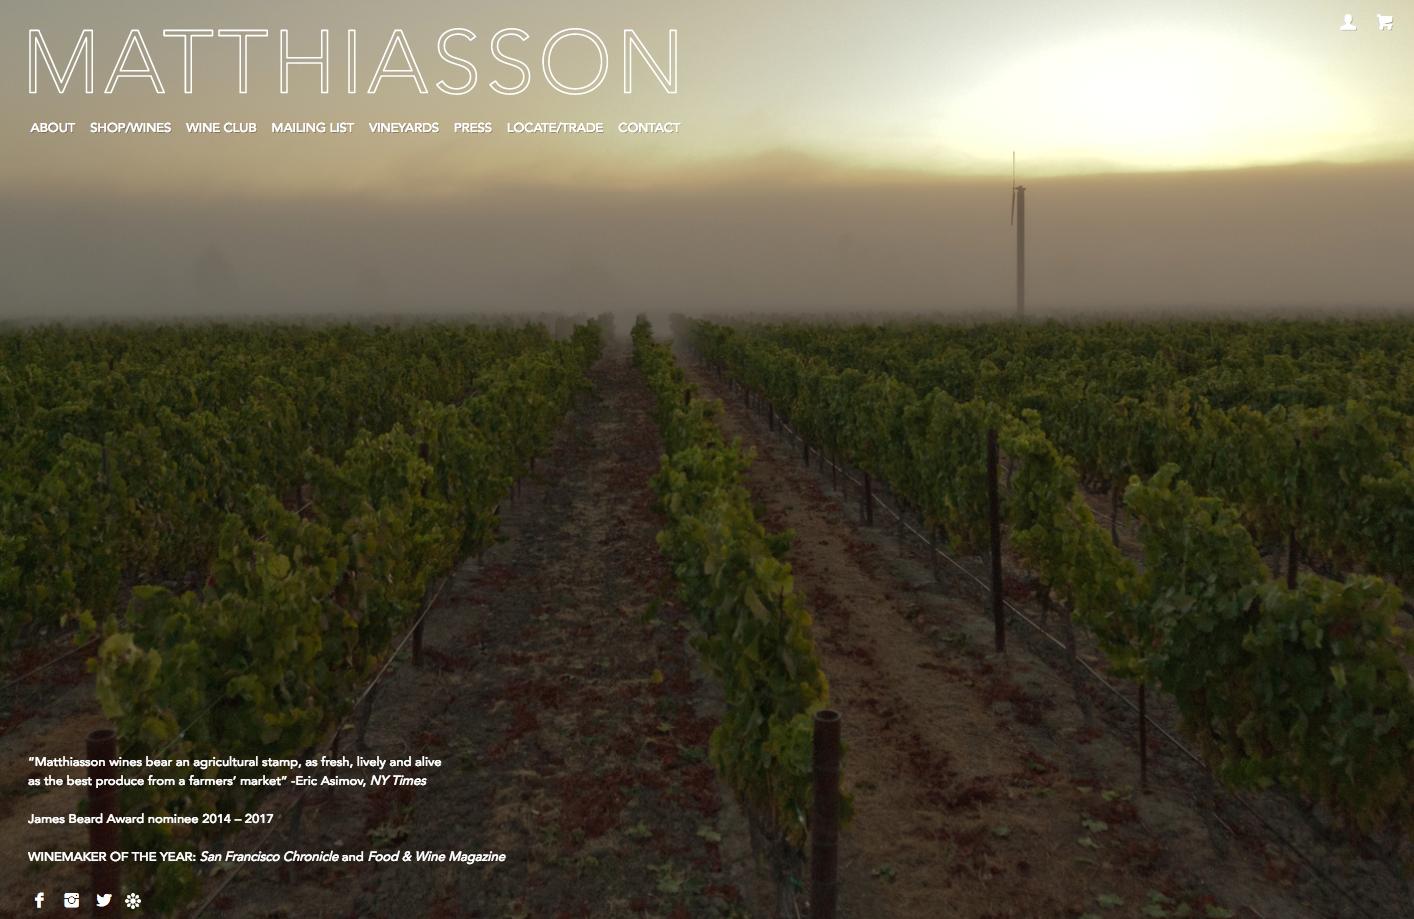 matthiasson-homepage.png